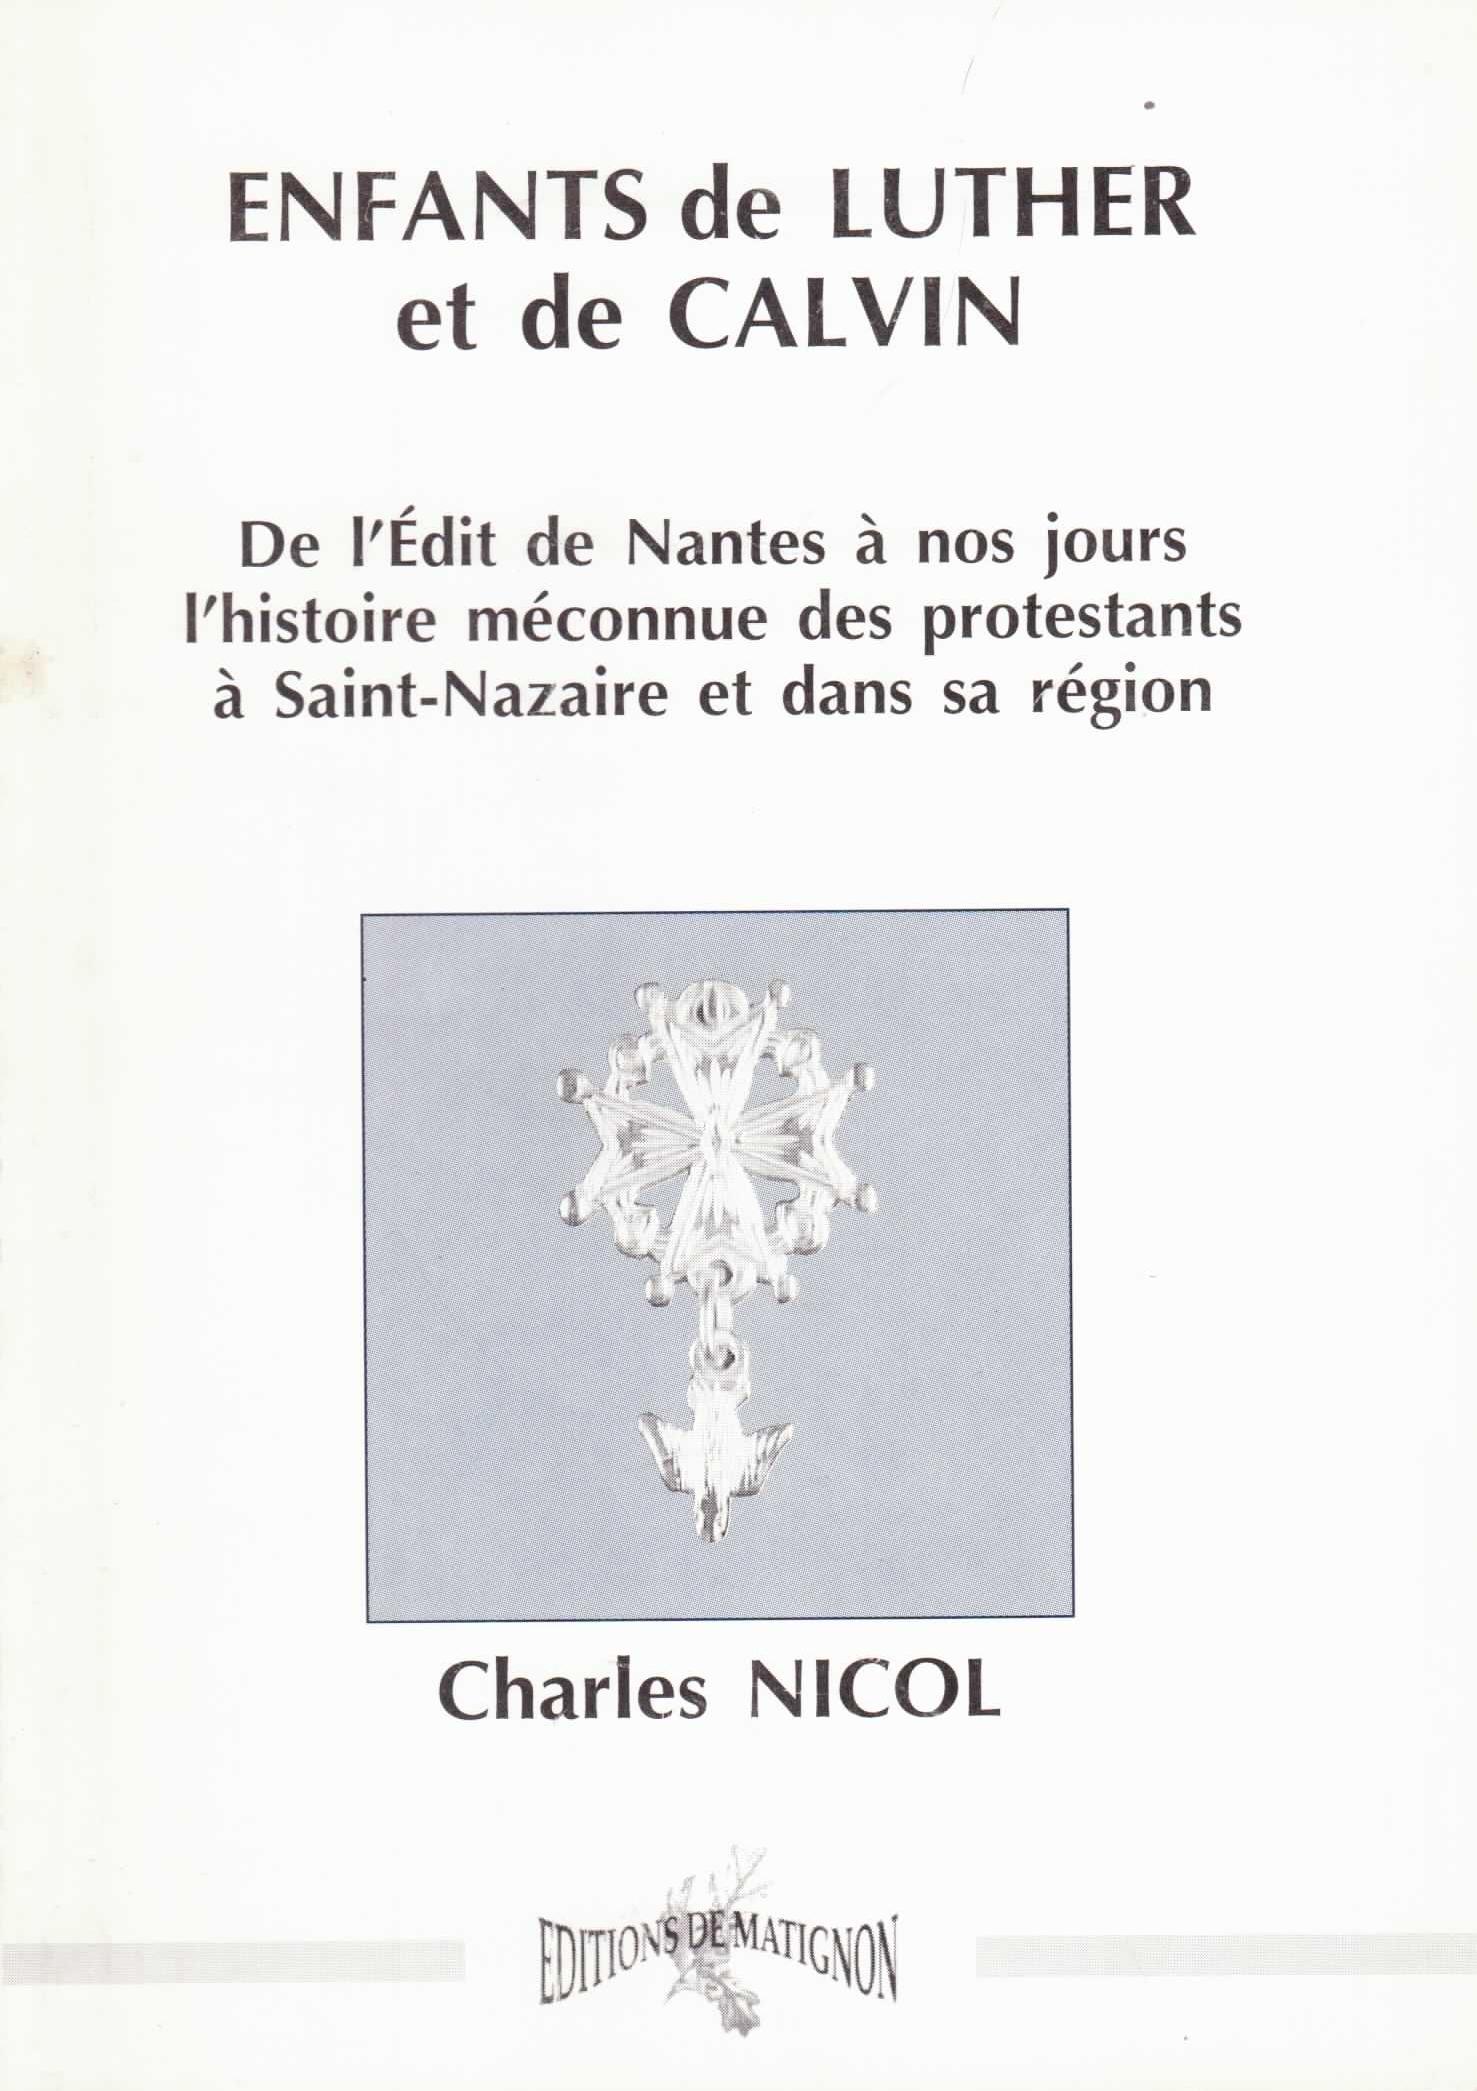 Enfants de Luther et de Calvin